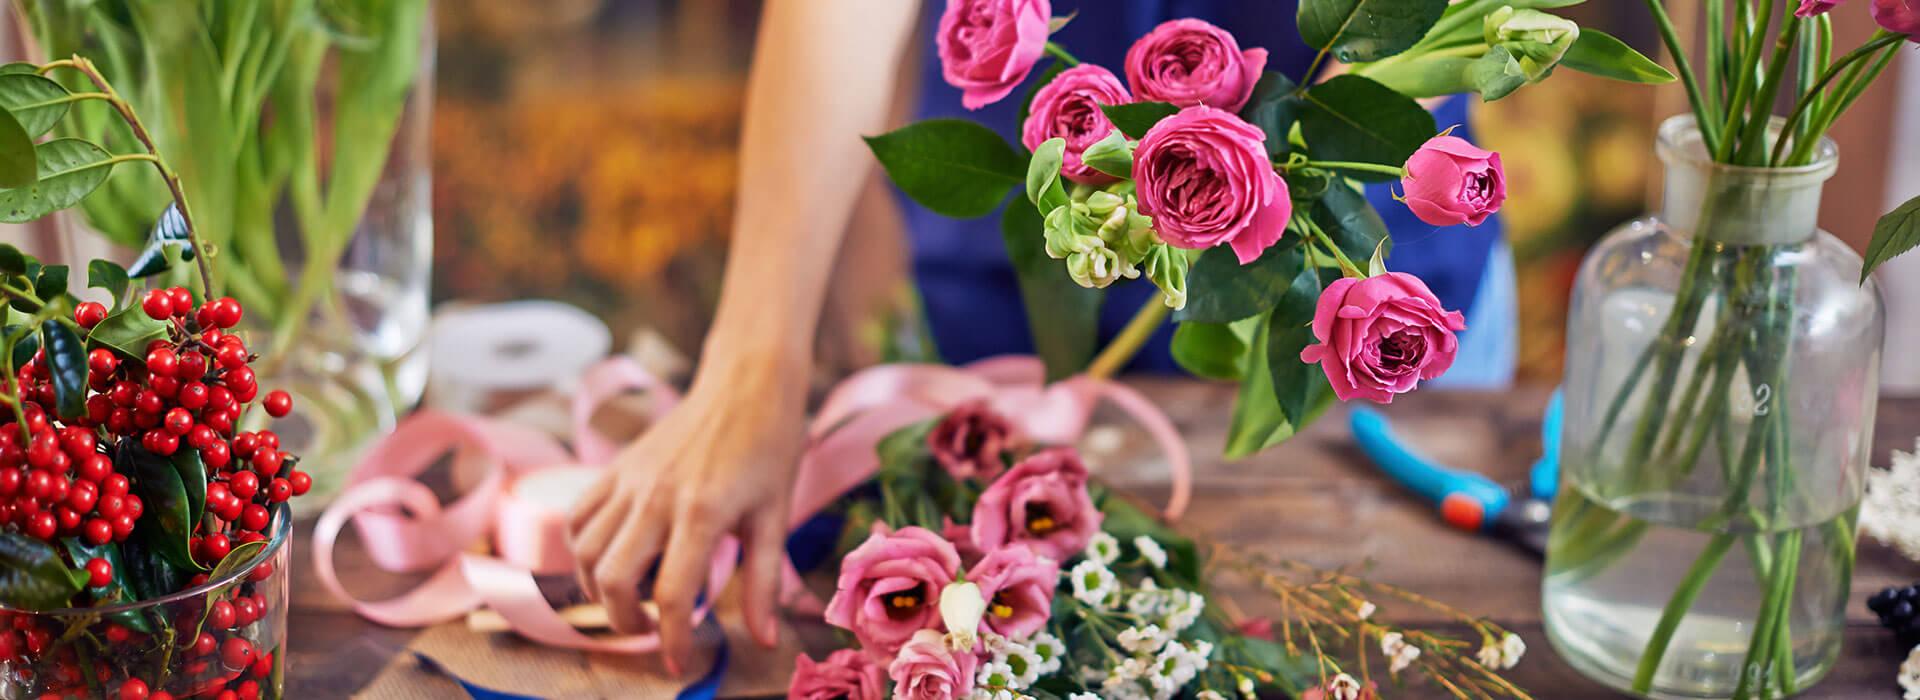 Blumenstrausse zu jedem erdenklichen Anlass bei Blumen Bachhubers Florale Welten in Zwiesel